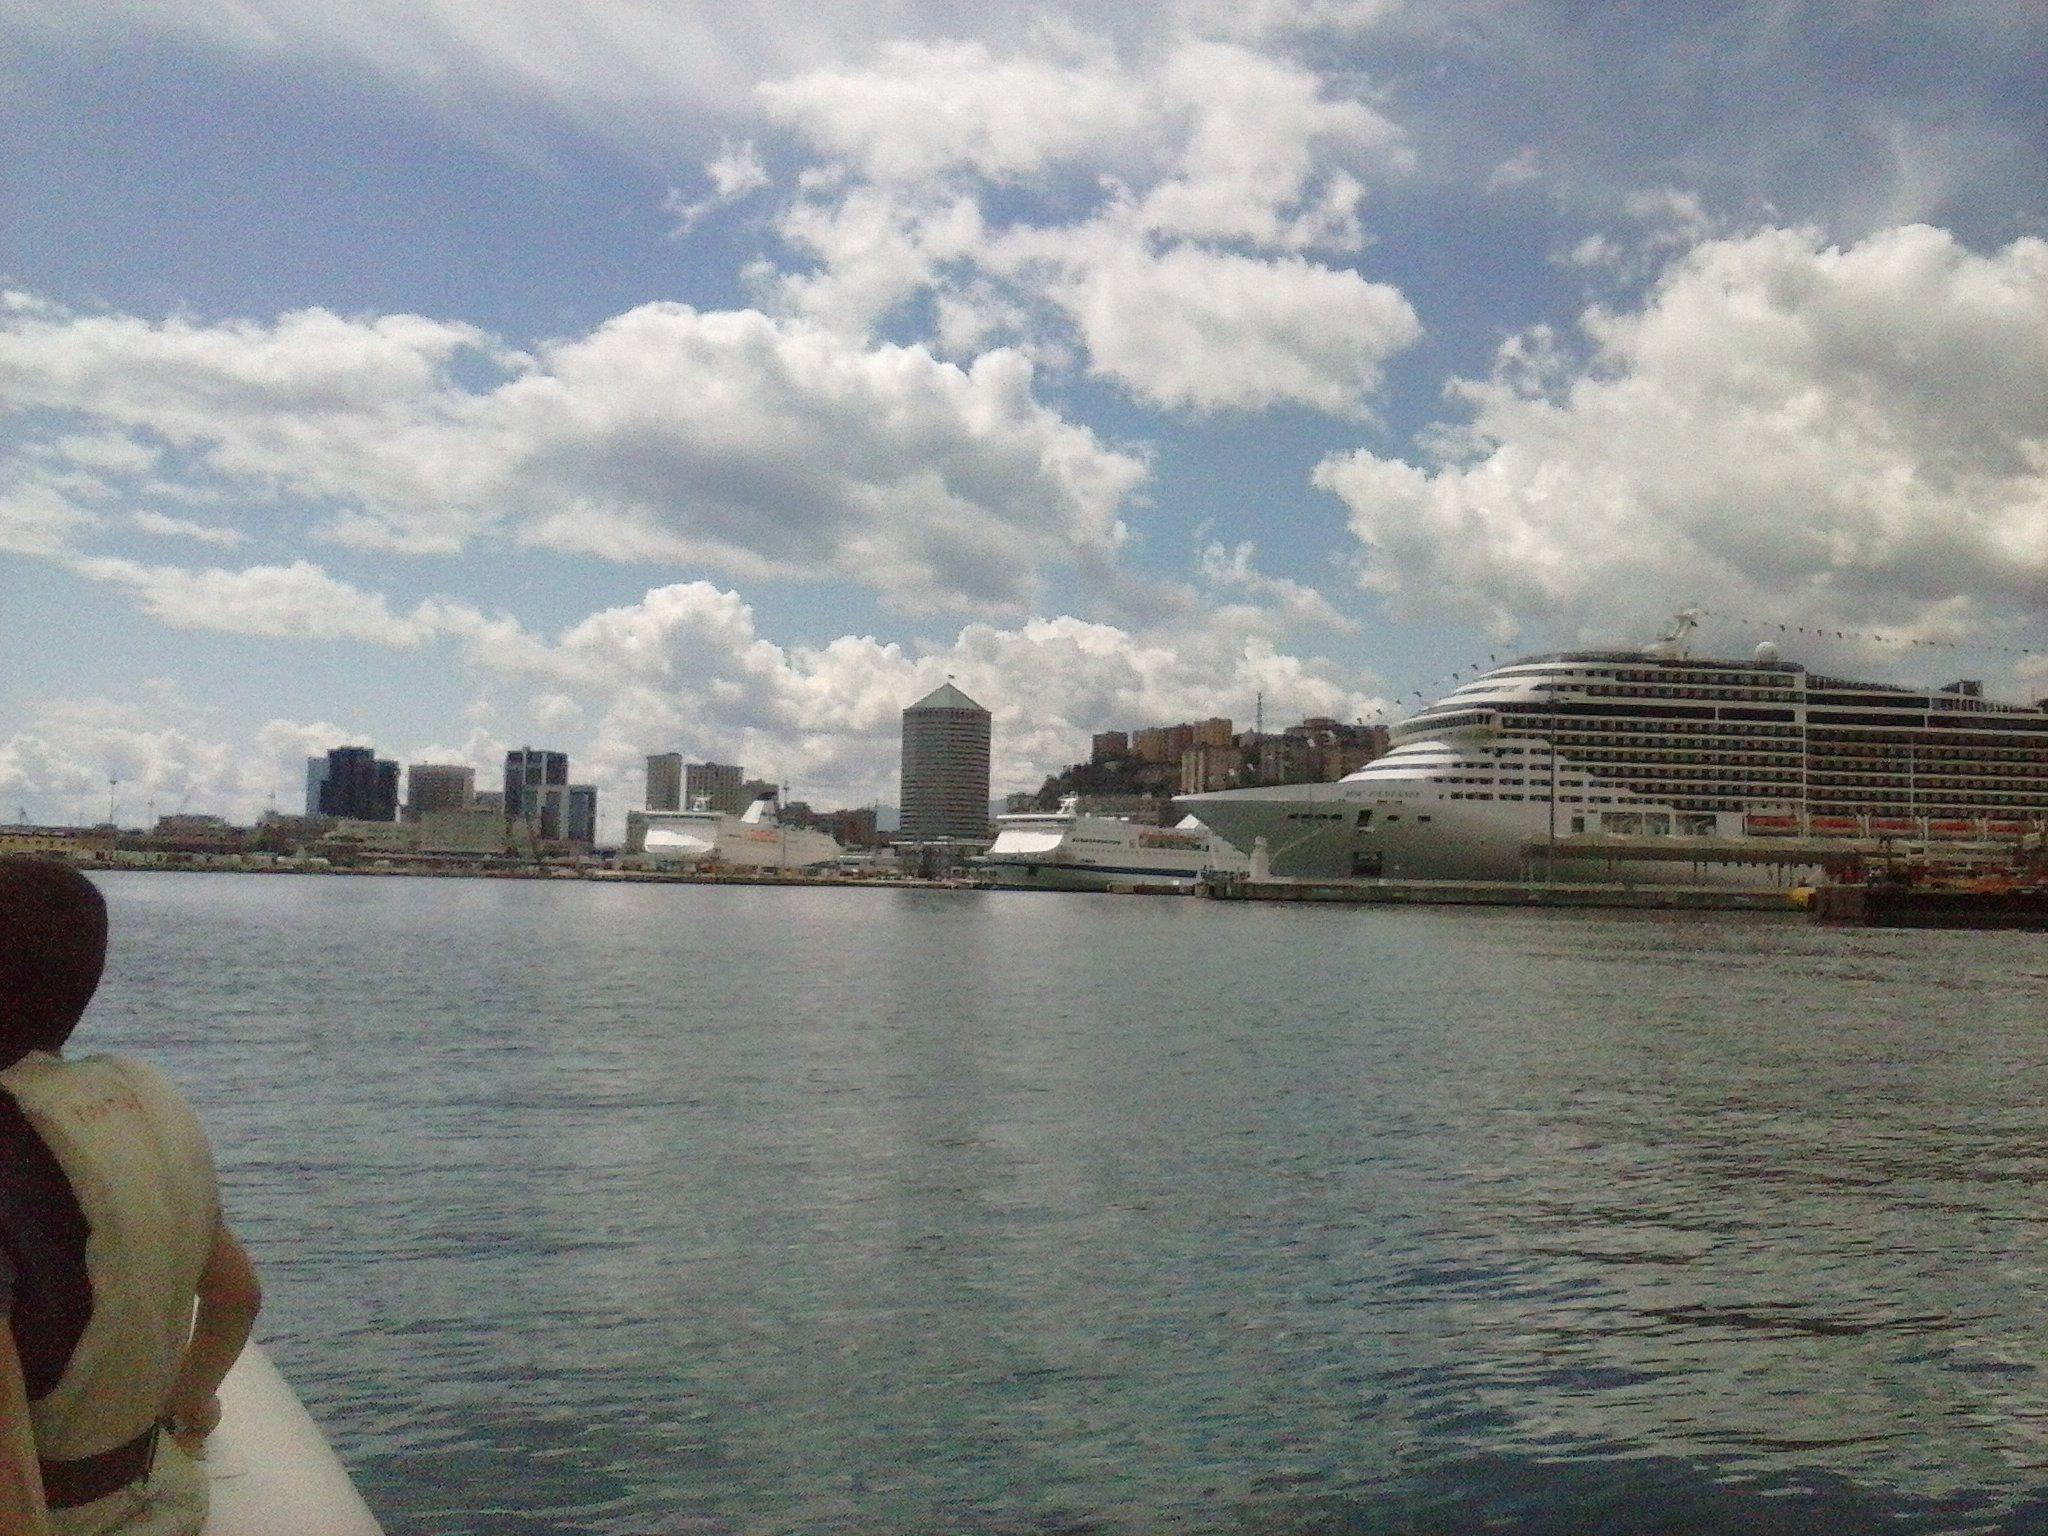 Vista Porto di Genova - 24-05-2015-04